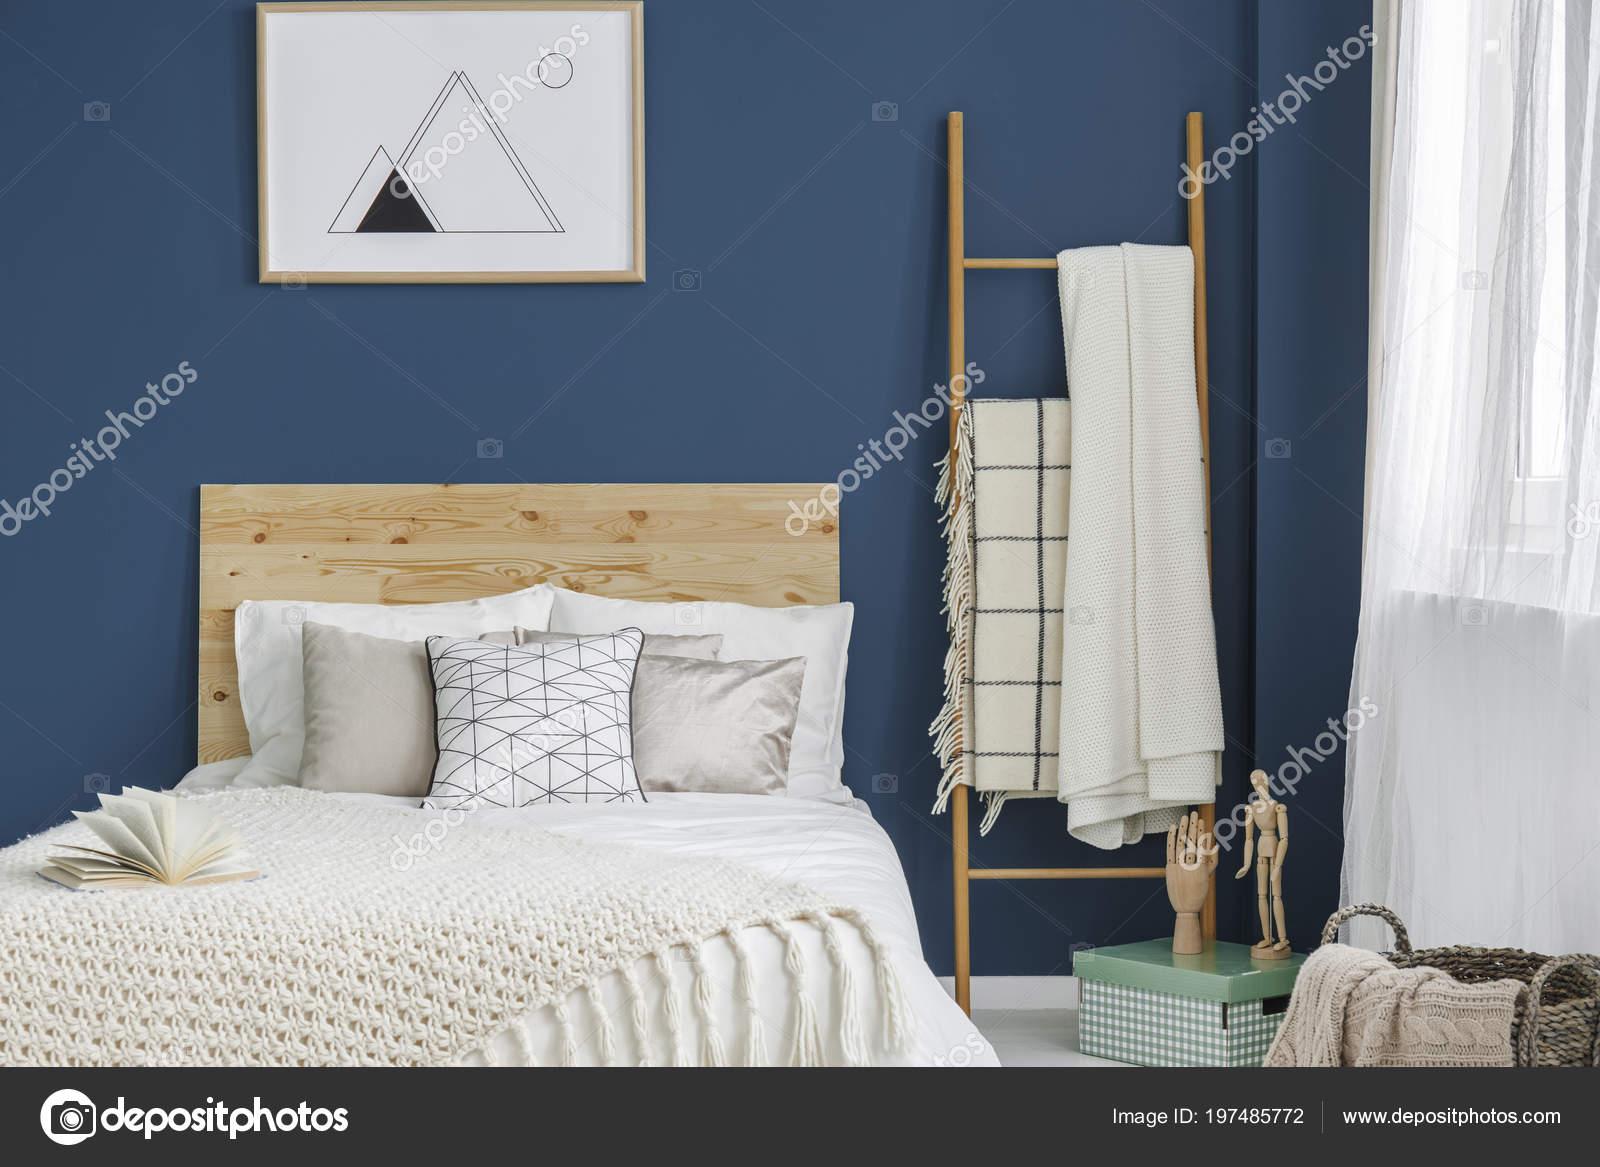 lit avec tête lit bois debout intérieur chambre bleue avec